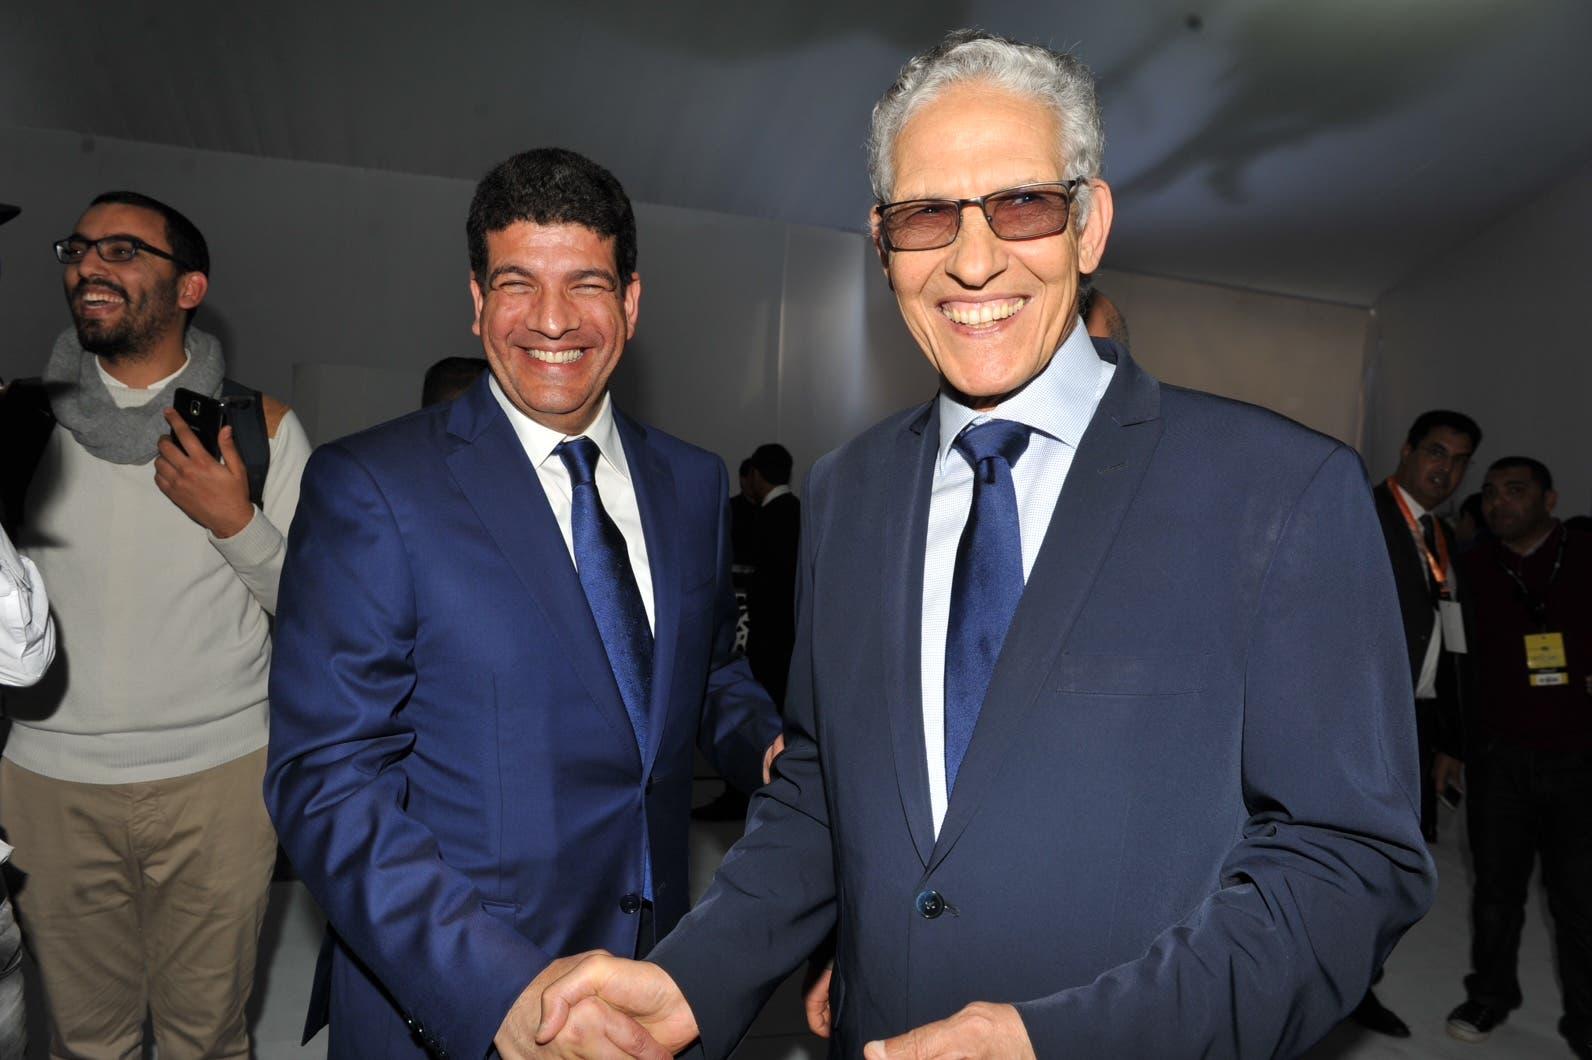 حسن الداودي، وزير التعليم العالي، ممثل حزب العدالة والتنمية، في مؤتمر الاصالة والمعاصرة